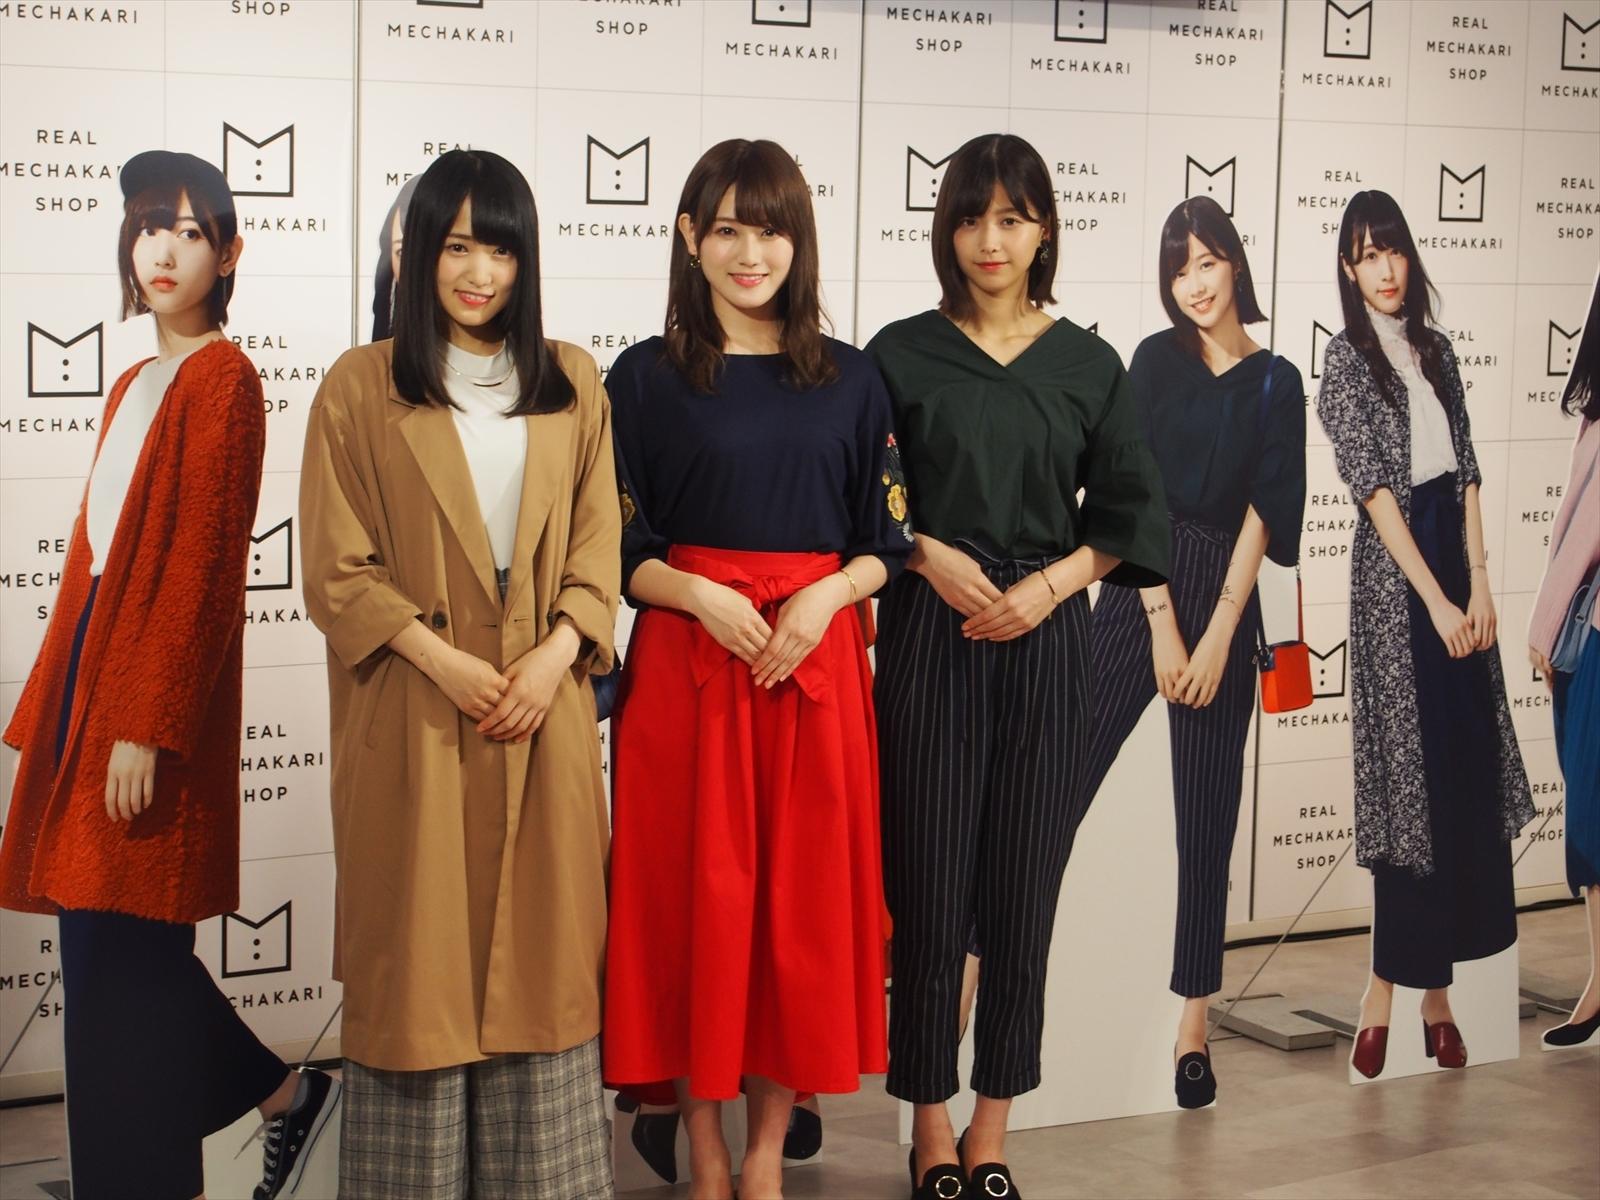 欅坂46が来店!もちろん理佐も♡ 「メチャカリ」初のリアルSHOPがオープン_1_1